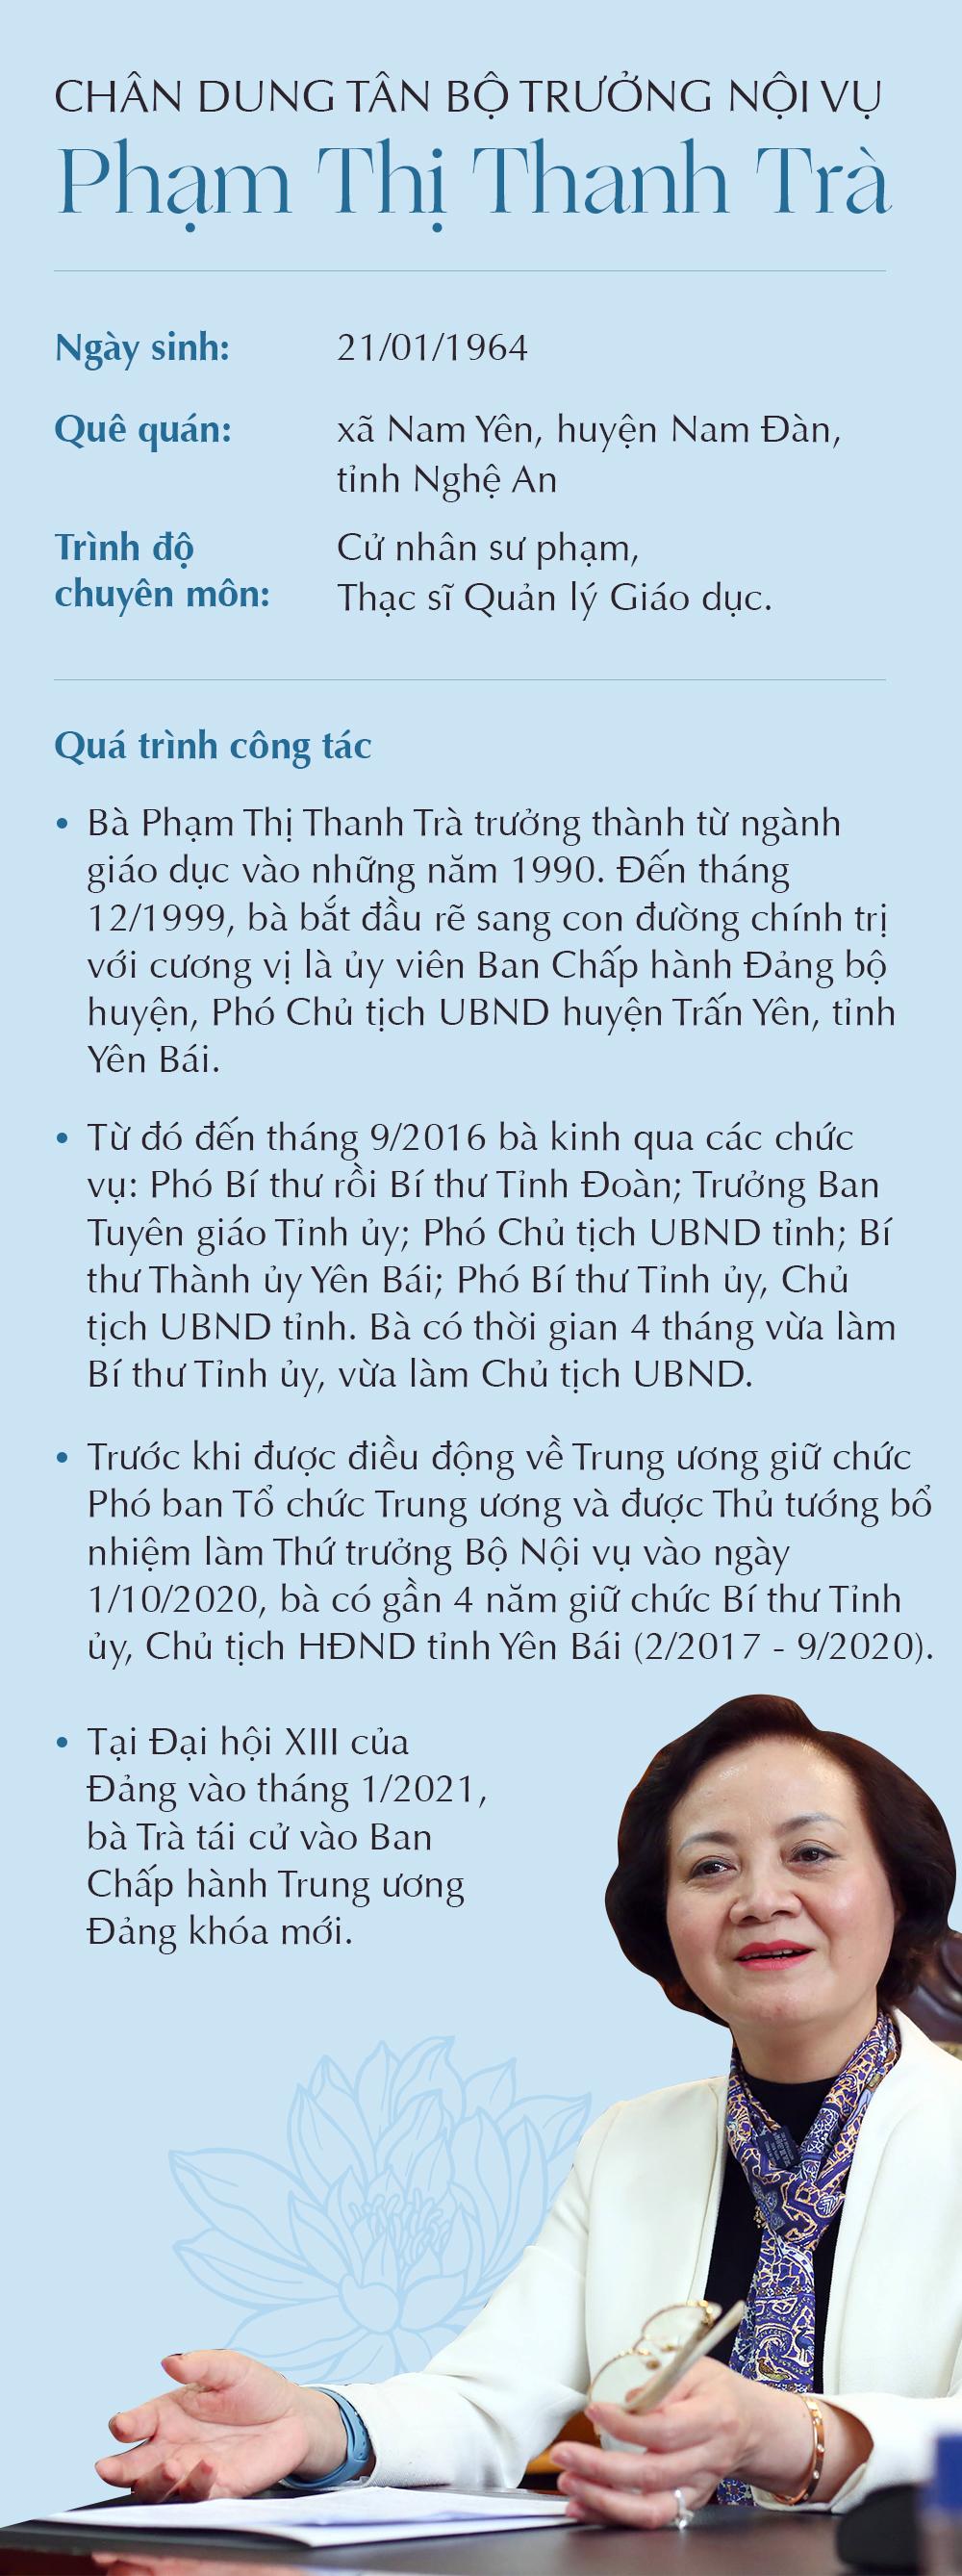 Bà Phạm Thị Thanh Trà, nữ bộ trưởng duy nhất vừa được phê chuẩn